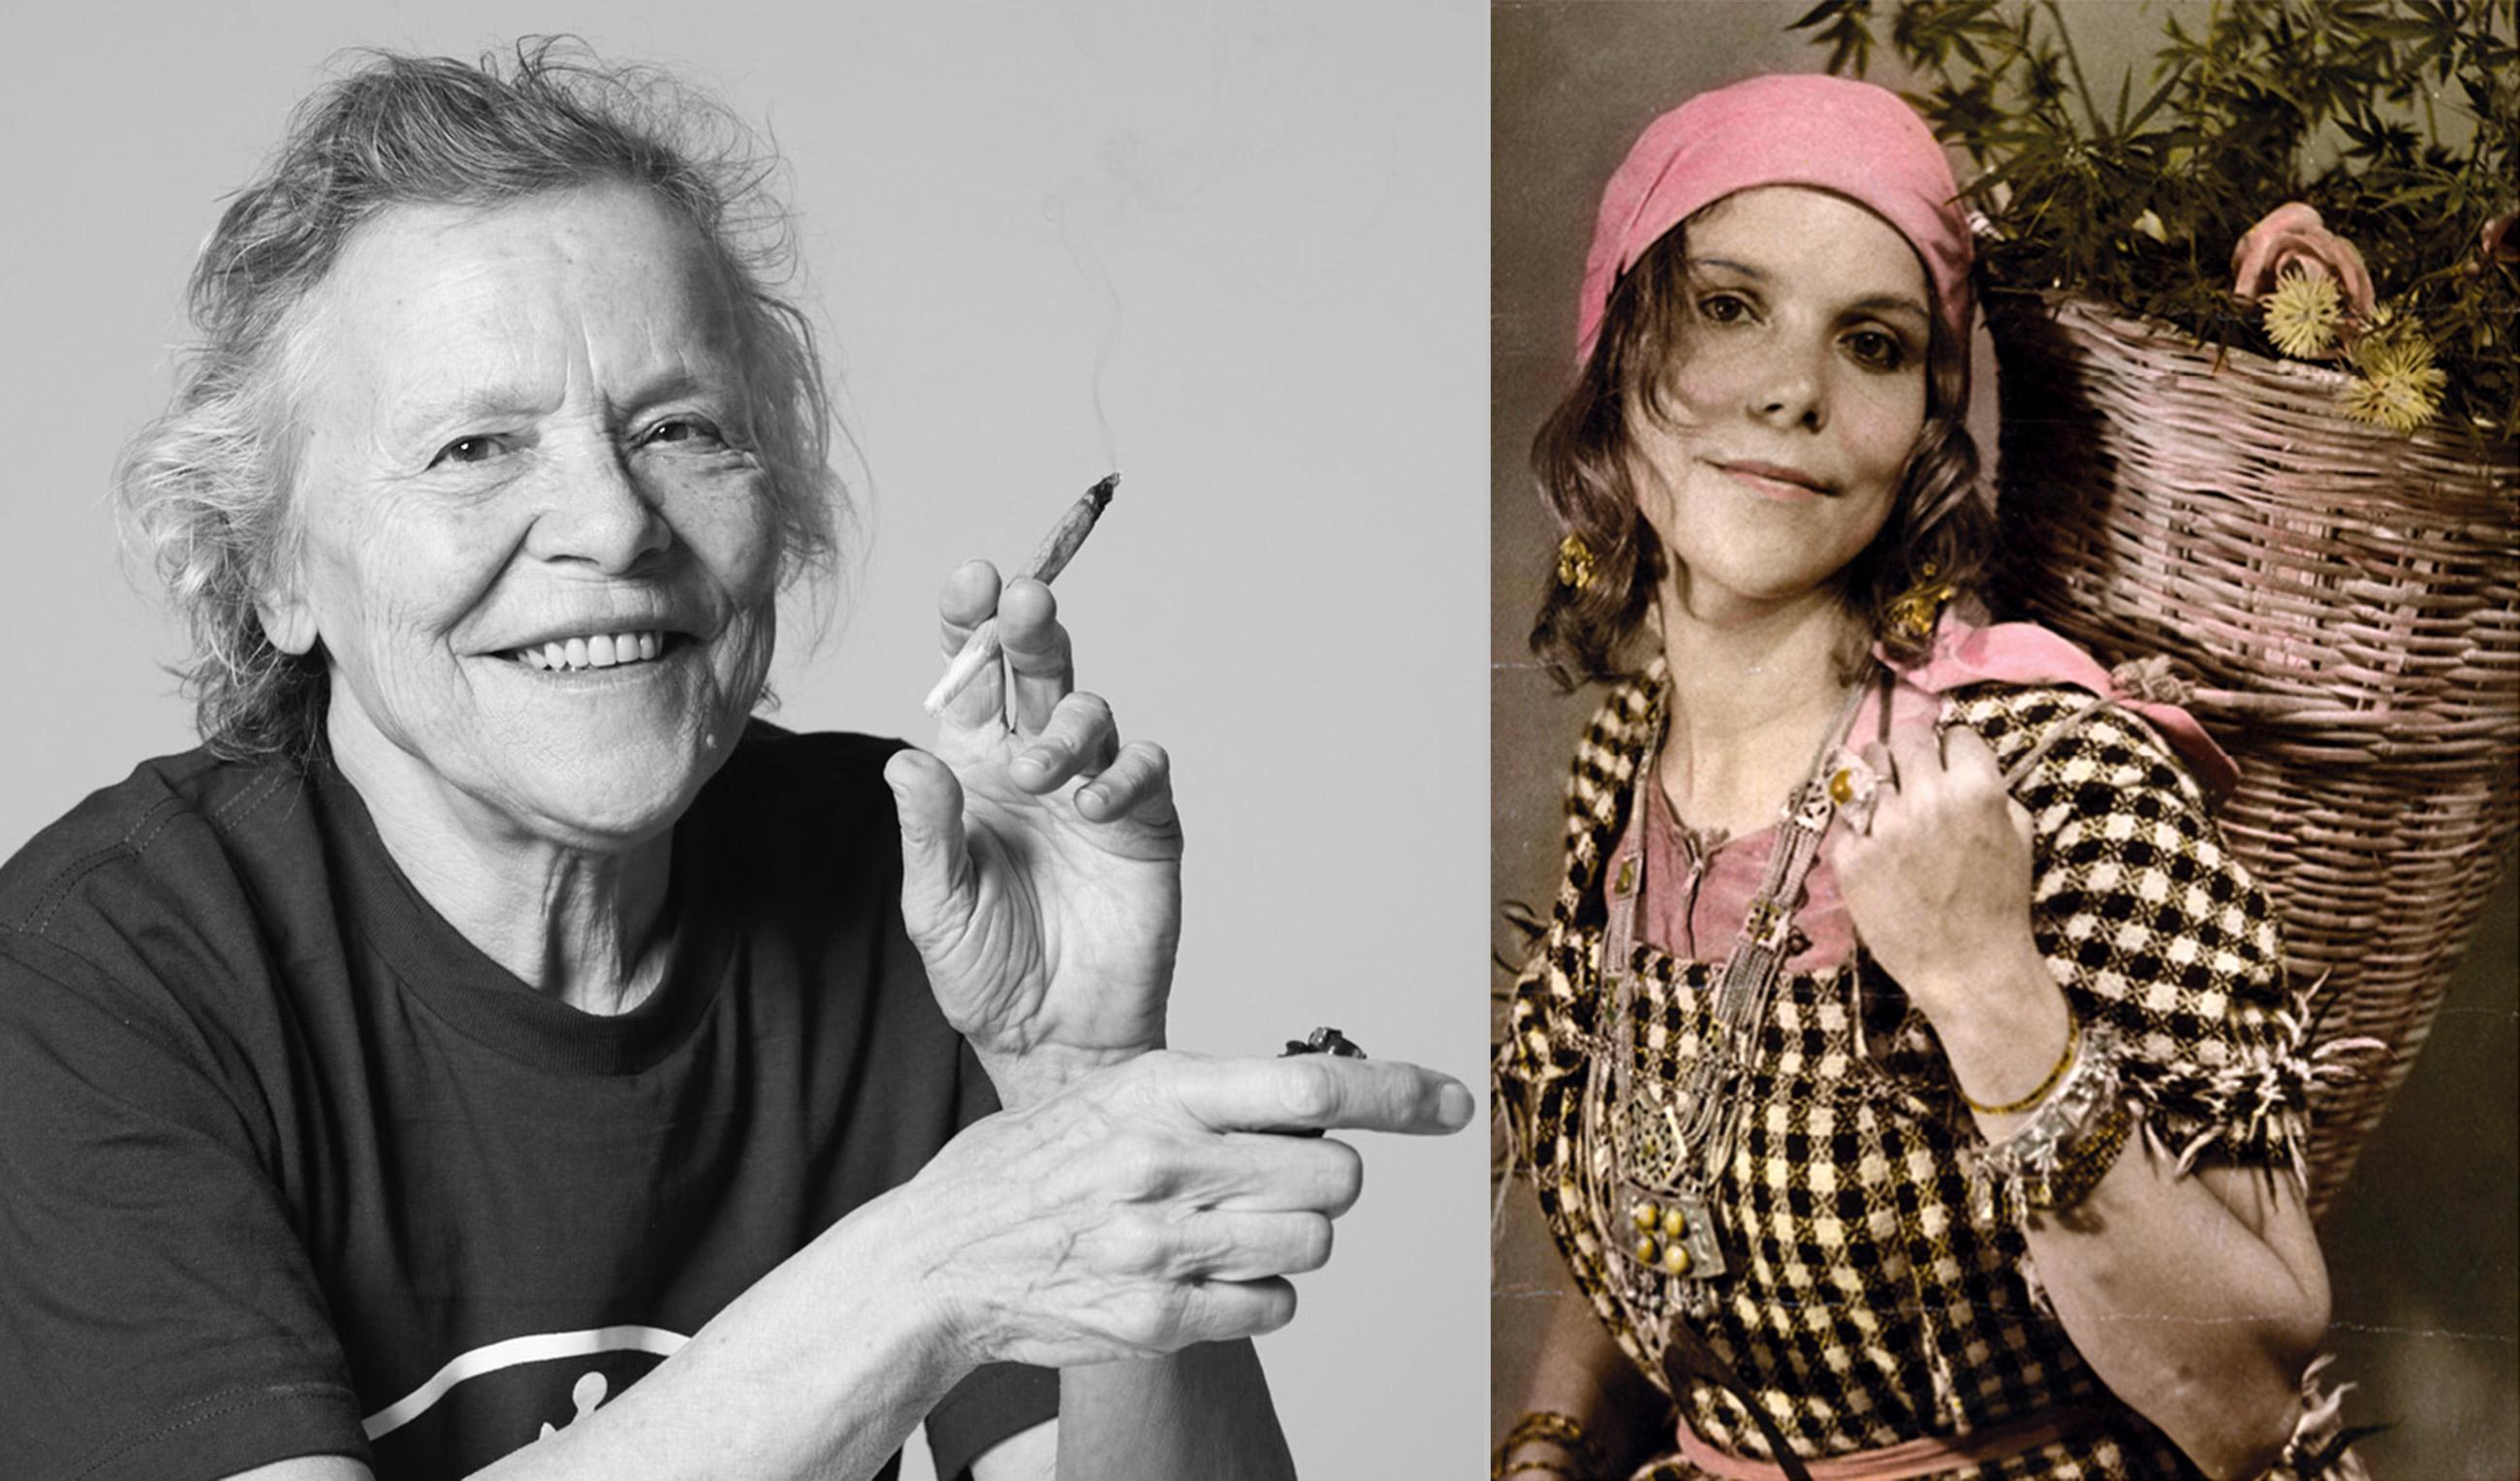 Deux photographies de la légende de la culture cannabique Mila Jansen. On aperçoit sur la gauche une photographie en noir et blanc de Mila qui sourit à l'objectif en tenant un joint entre les doigts. À droite, on découvre une image de Mila jeune, les cheveux pris dans un bandana rose et portant sur le dos un panier rempli de cannabis.